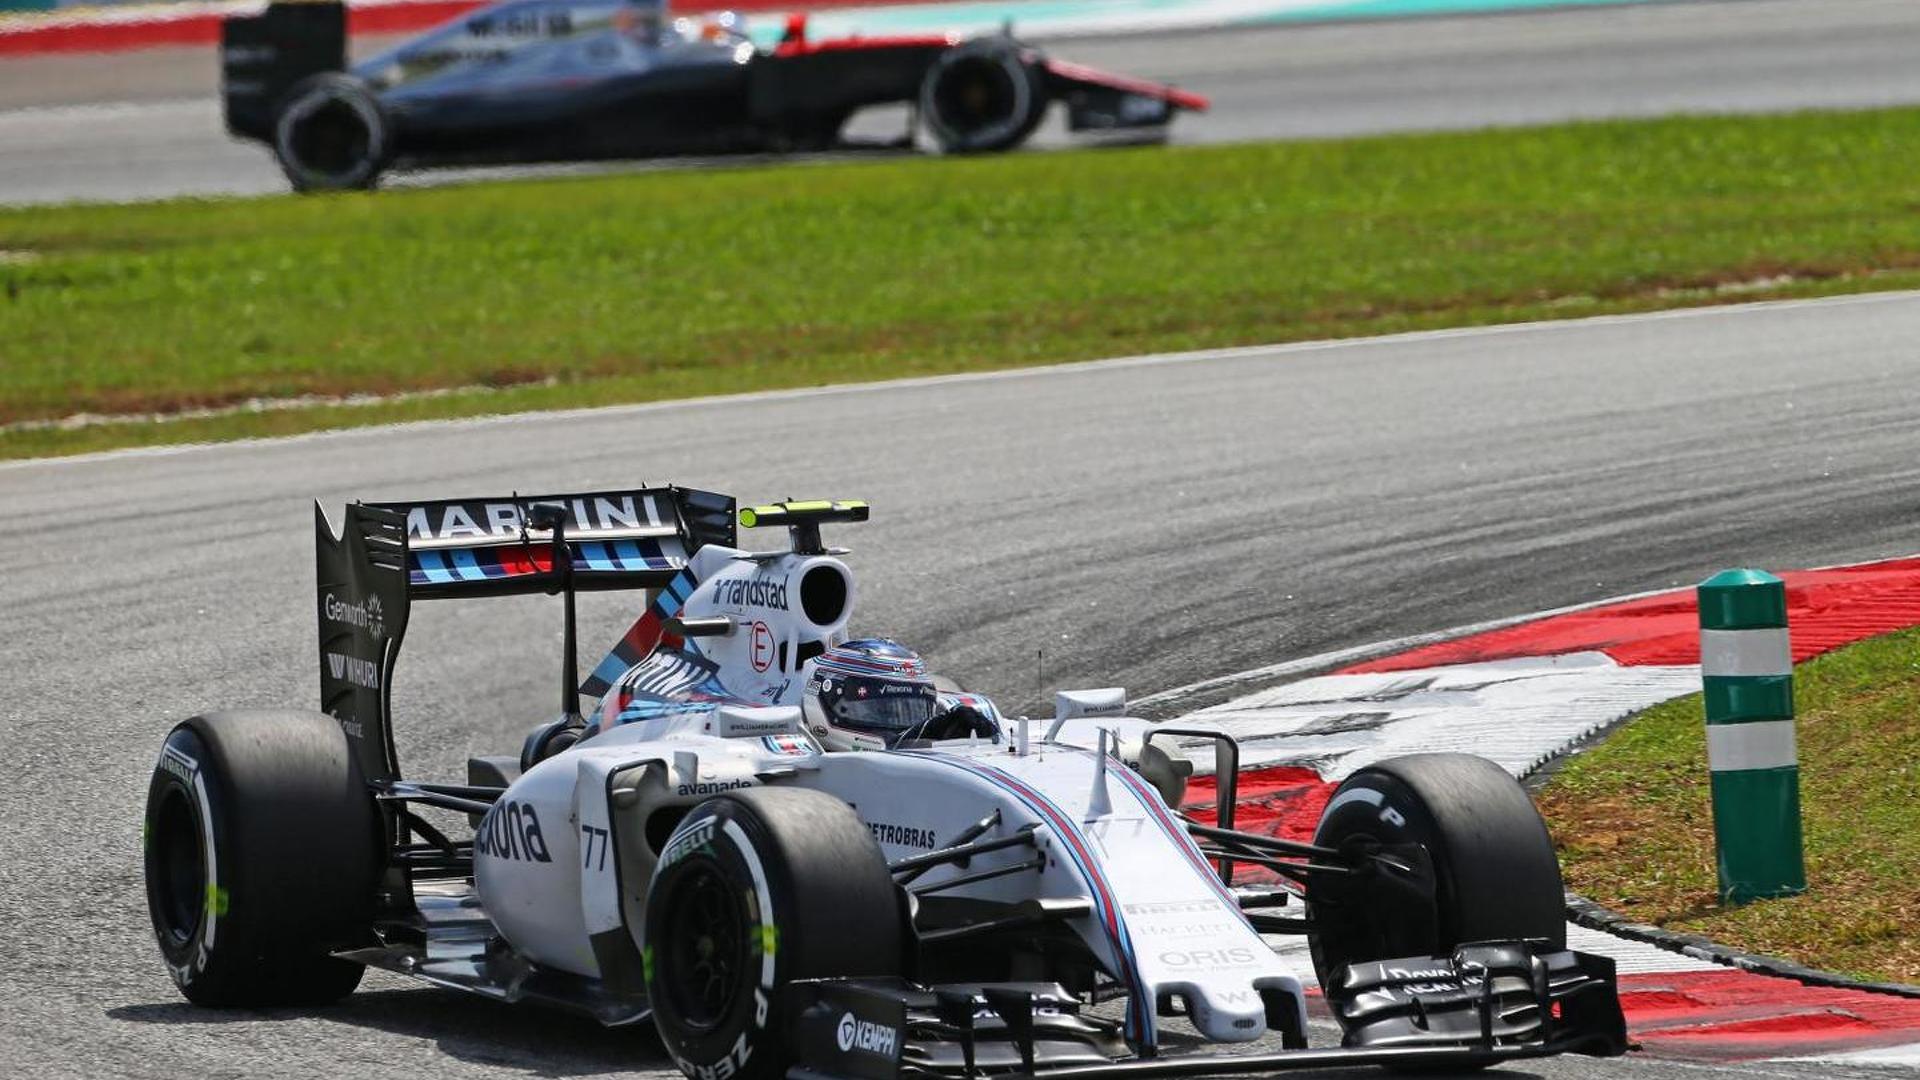 Ferrari 'much faster' than Williams - Bottas